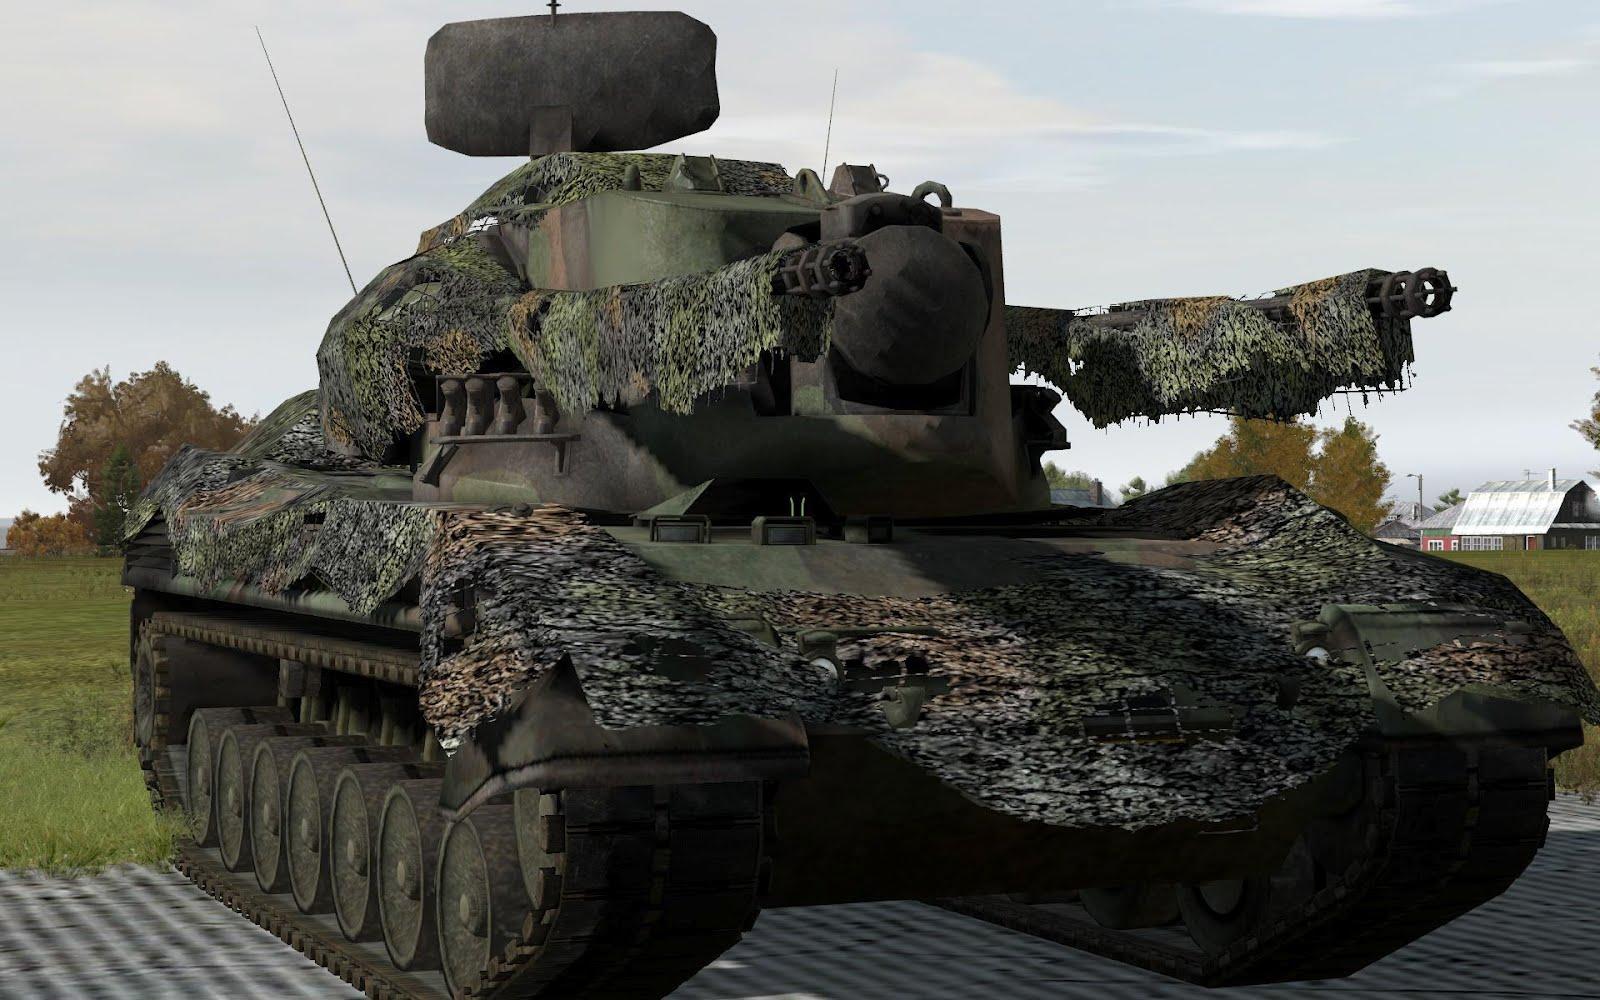 弱者の日記^^Arma 2 用のオランダ軍 MOD がバージョン 0.80 へ更新